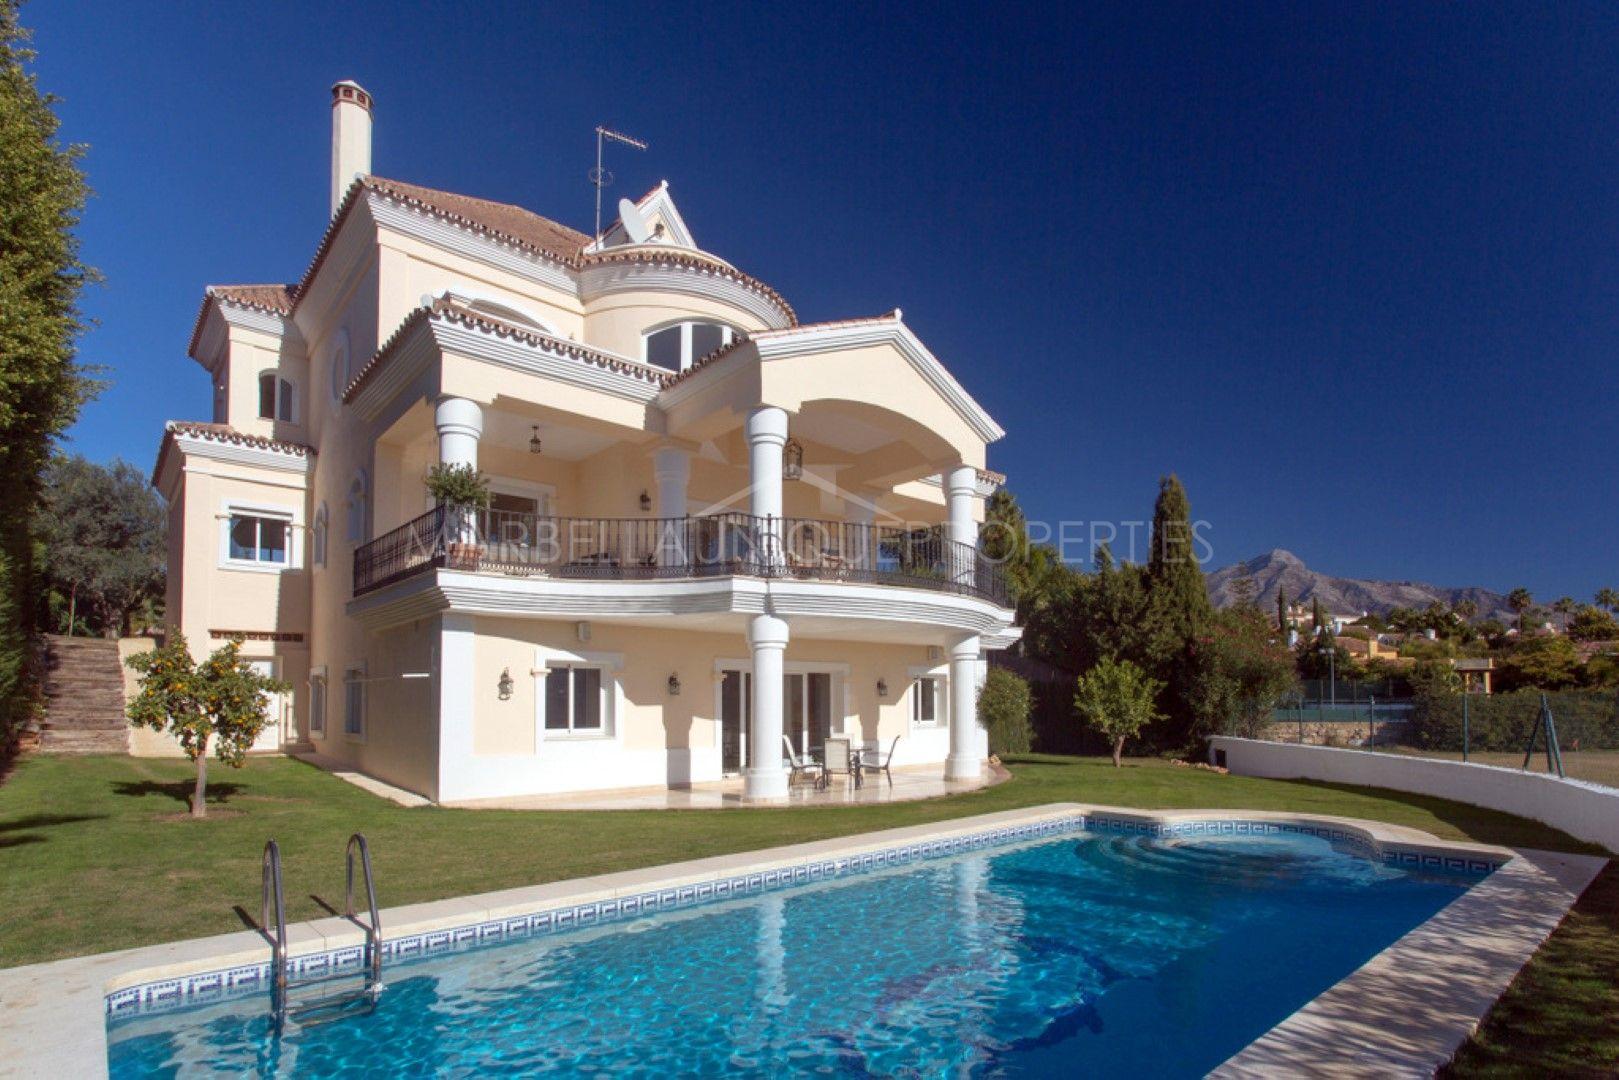 Espectacular villa en primera l nea de golf en venta en - La sala nueva andalucia ...